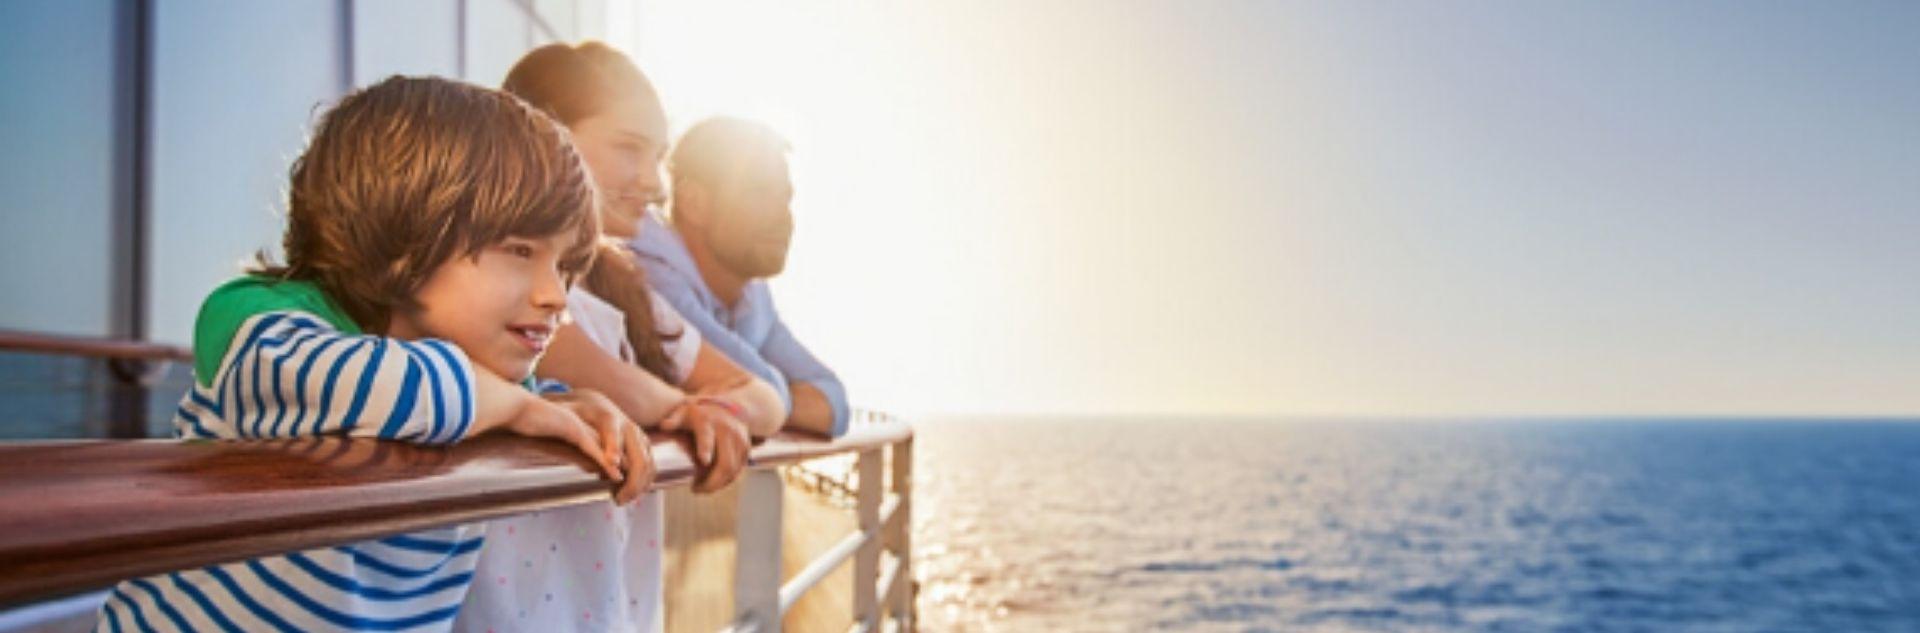 Familie schaut auf das Meer